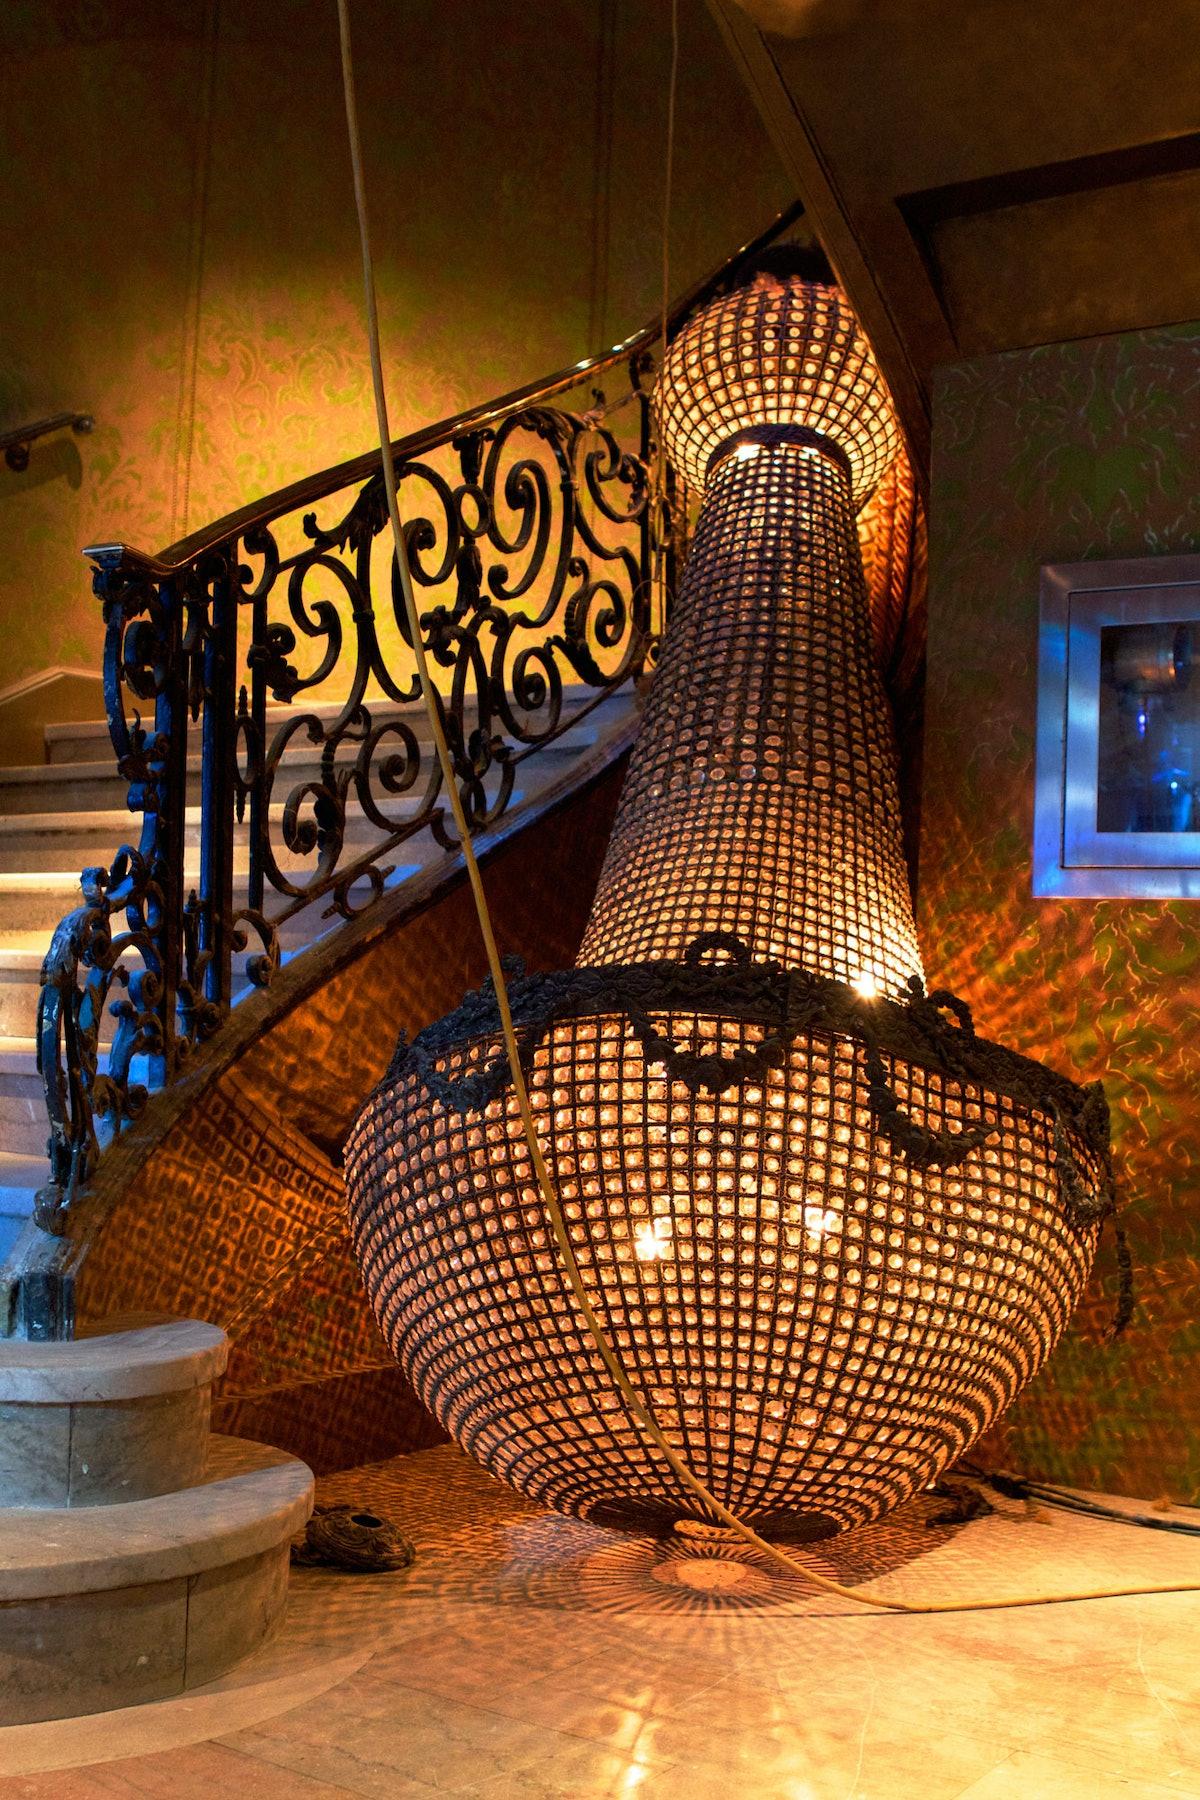 Entry of the Diamond Horseshoe. Courtesy of the Paramount Hotel.